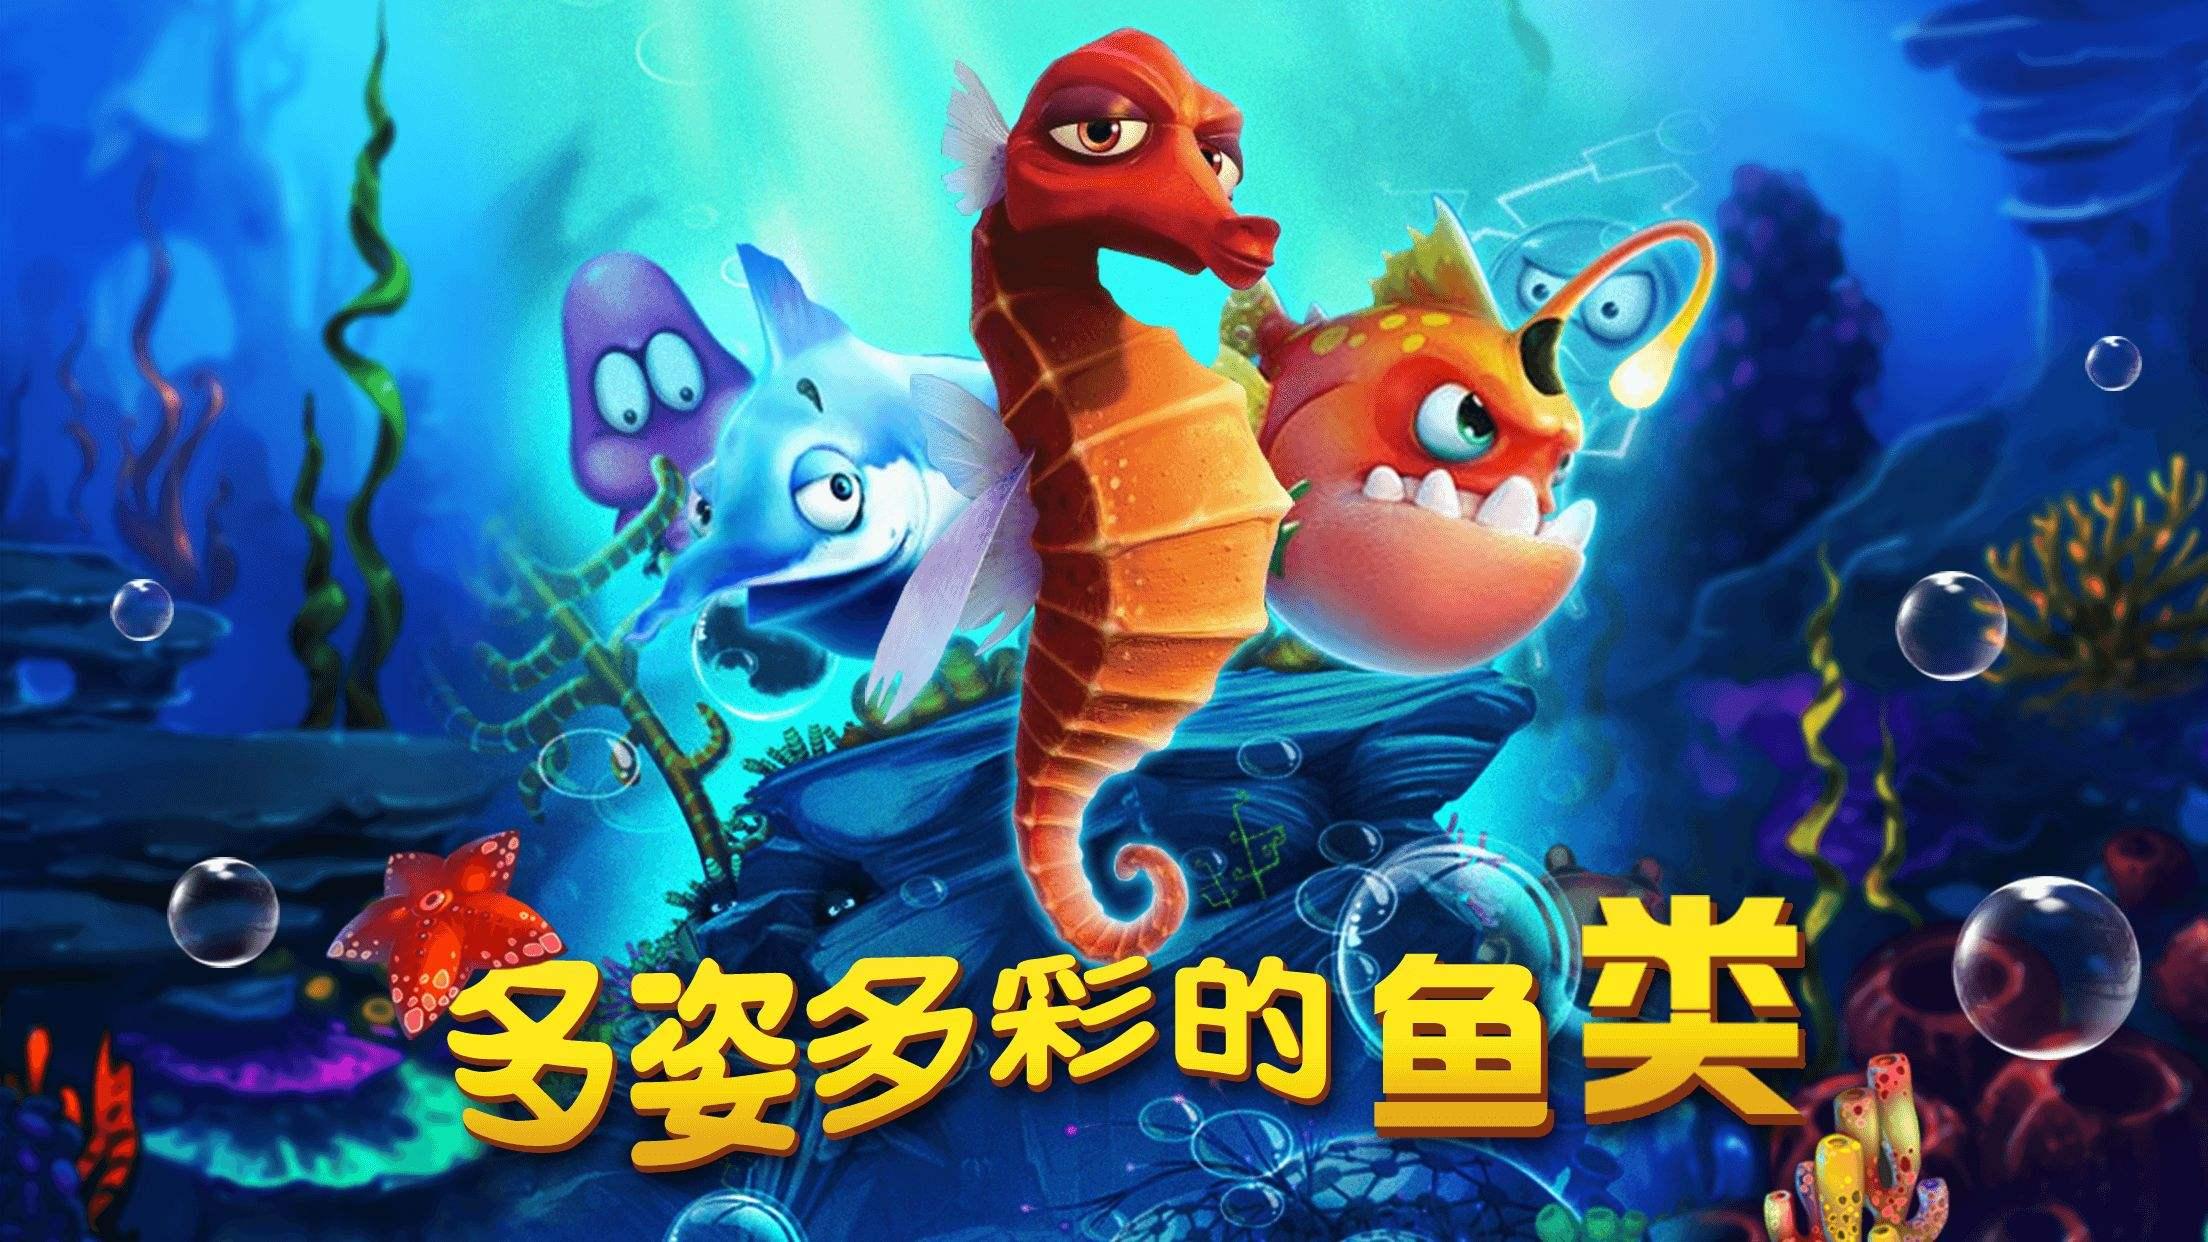 捕鱼游戏免费版下载 捕鱼来了一款真正免费的捕鱼游戏